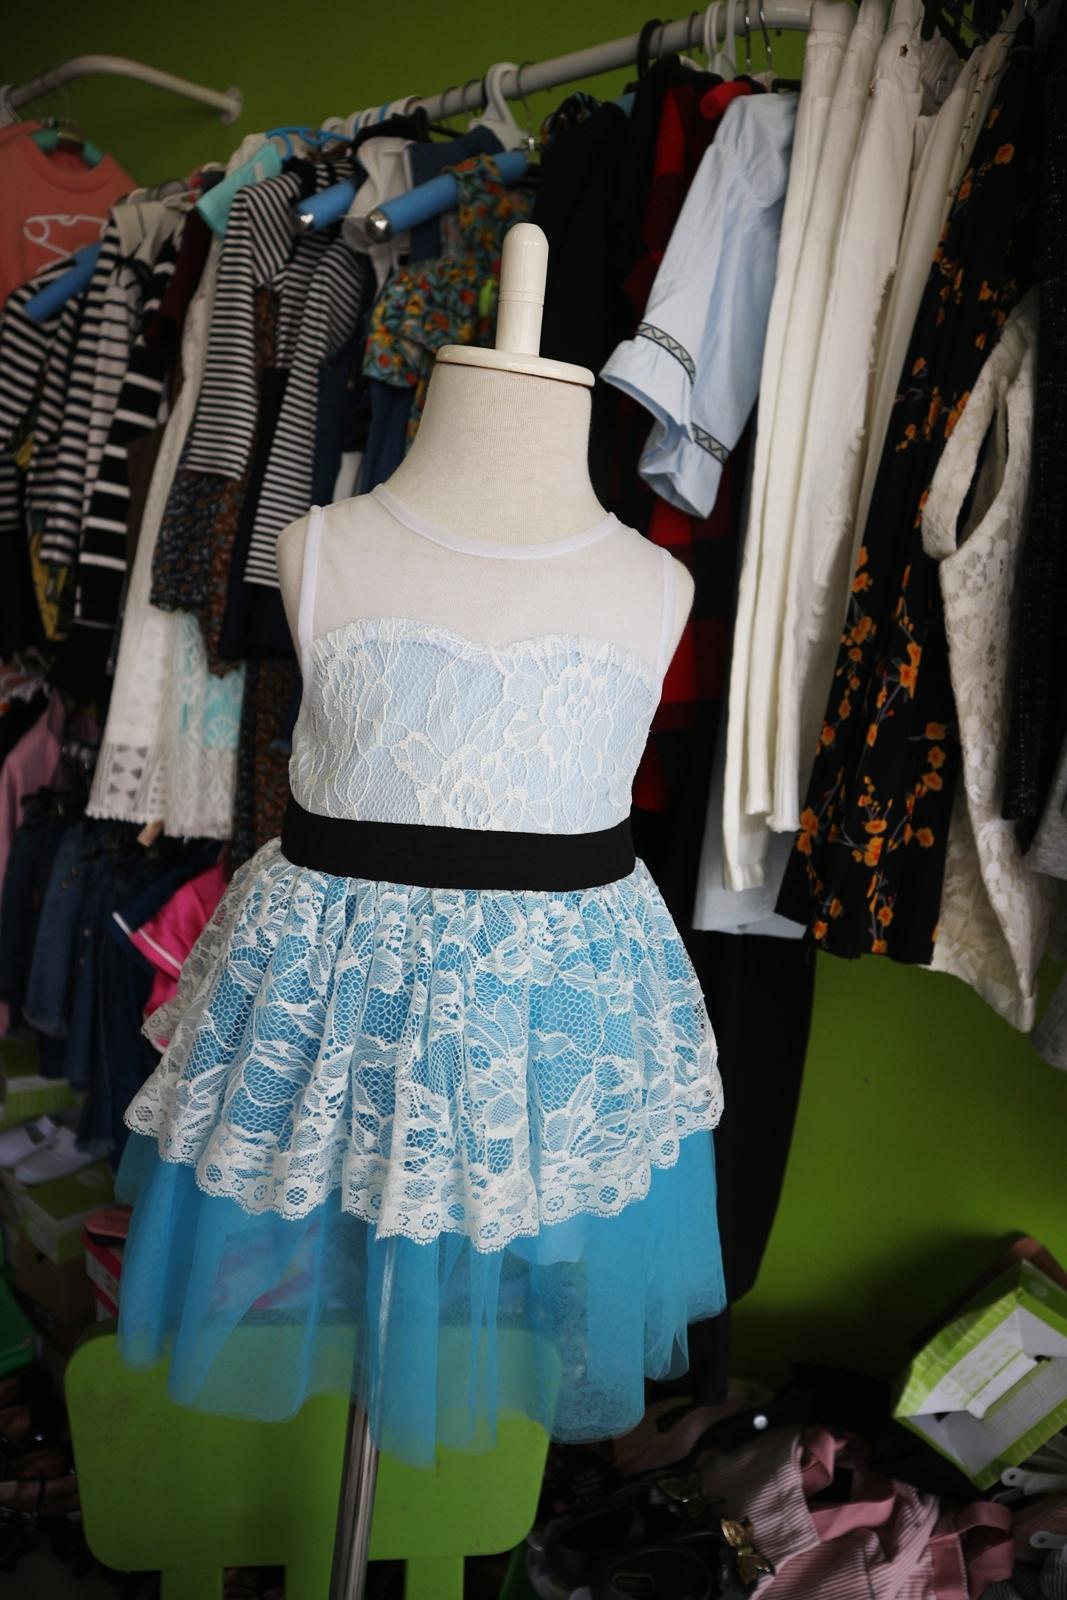 เสื้อผ้าเด็กสไตล์คุณหนู ชุดราตรีเด็ก ชุดออกงานเด็ก Phelfish สีฟ้า